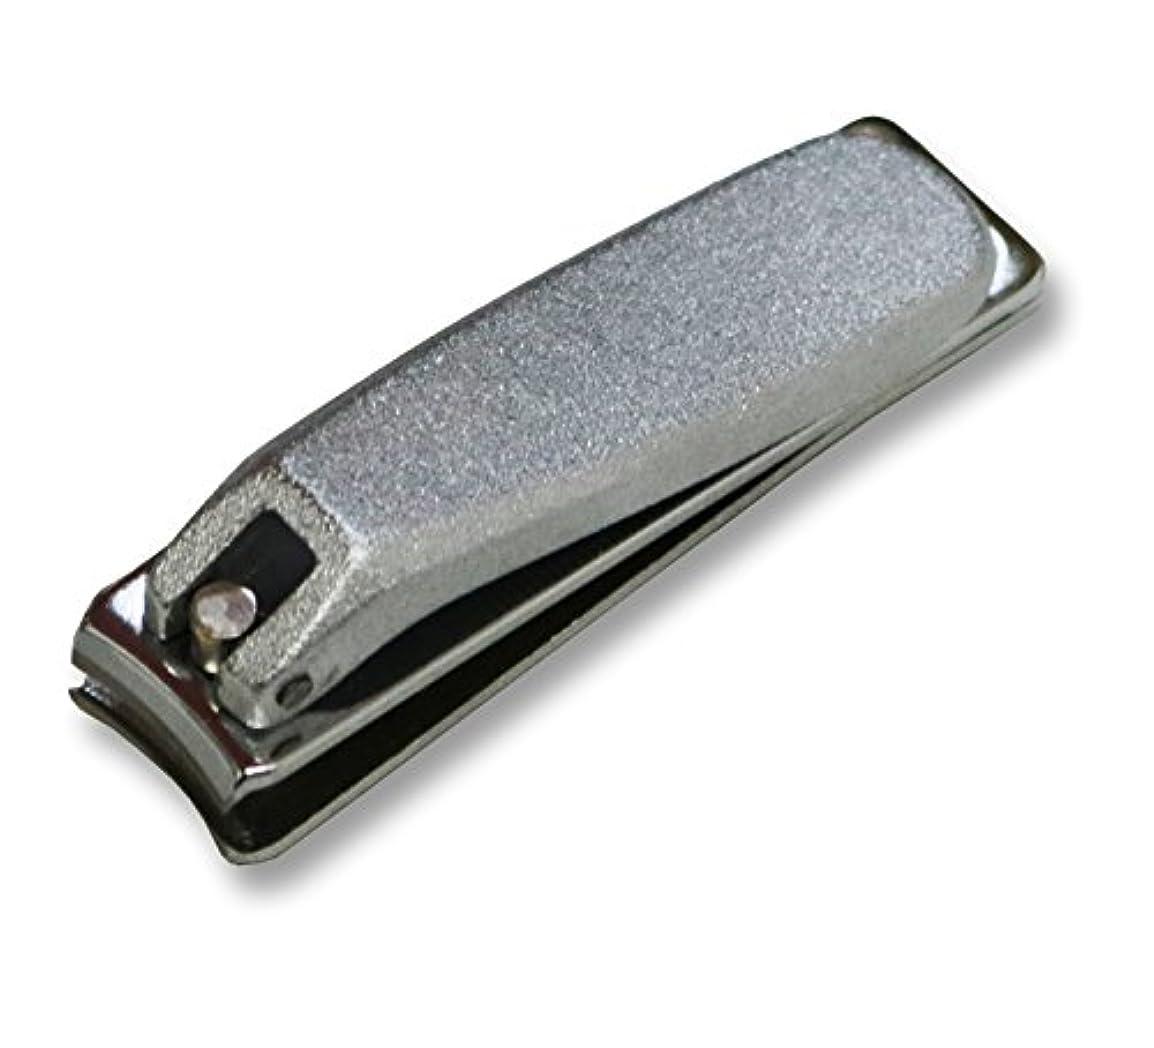 リマ急流会計士KD-023 関の刃物 クローム爪切 小 カバー無